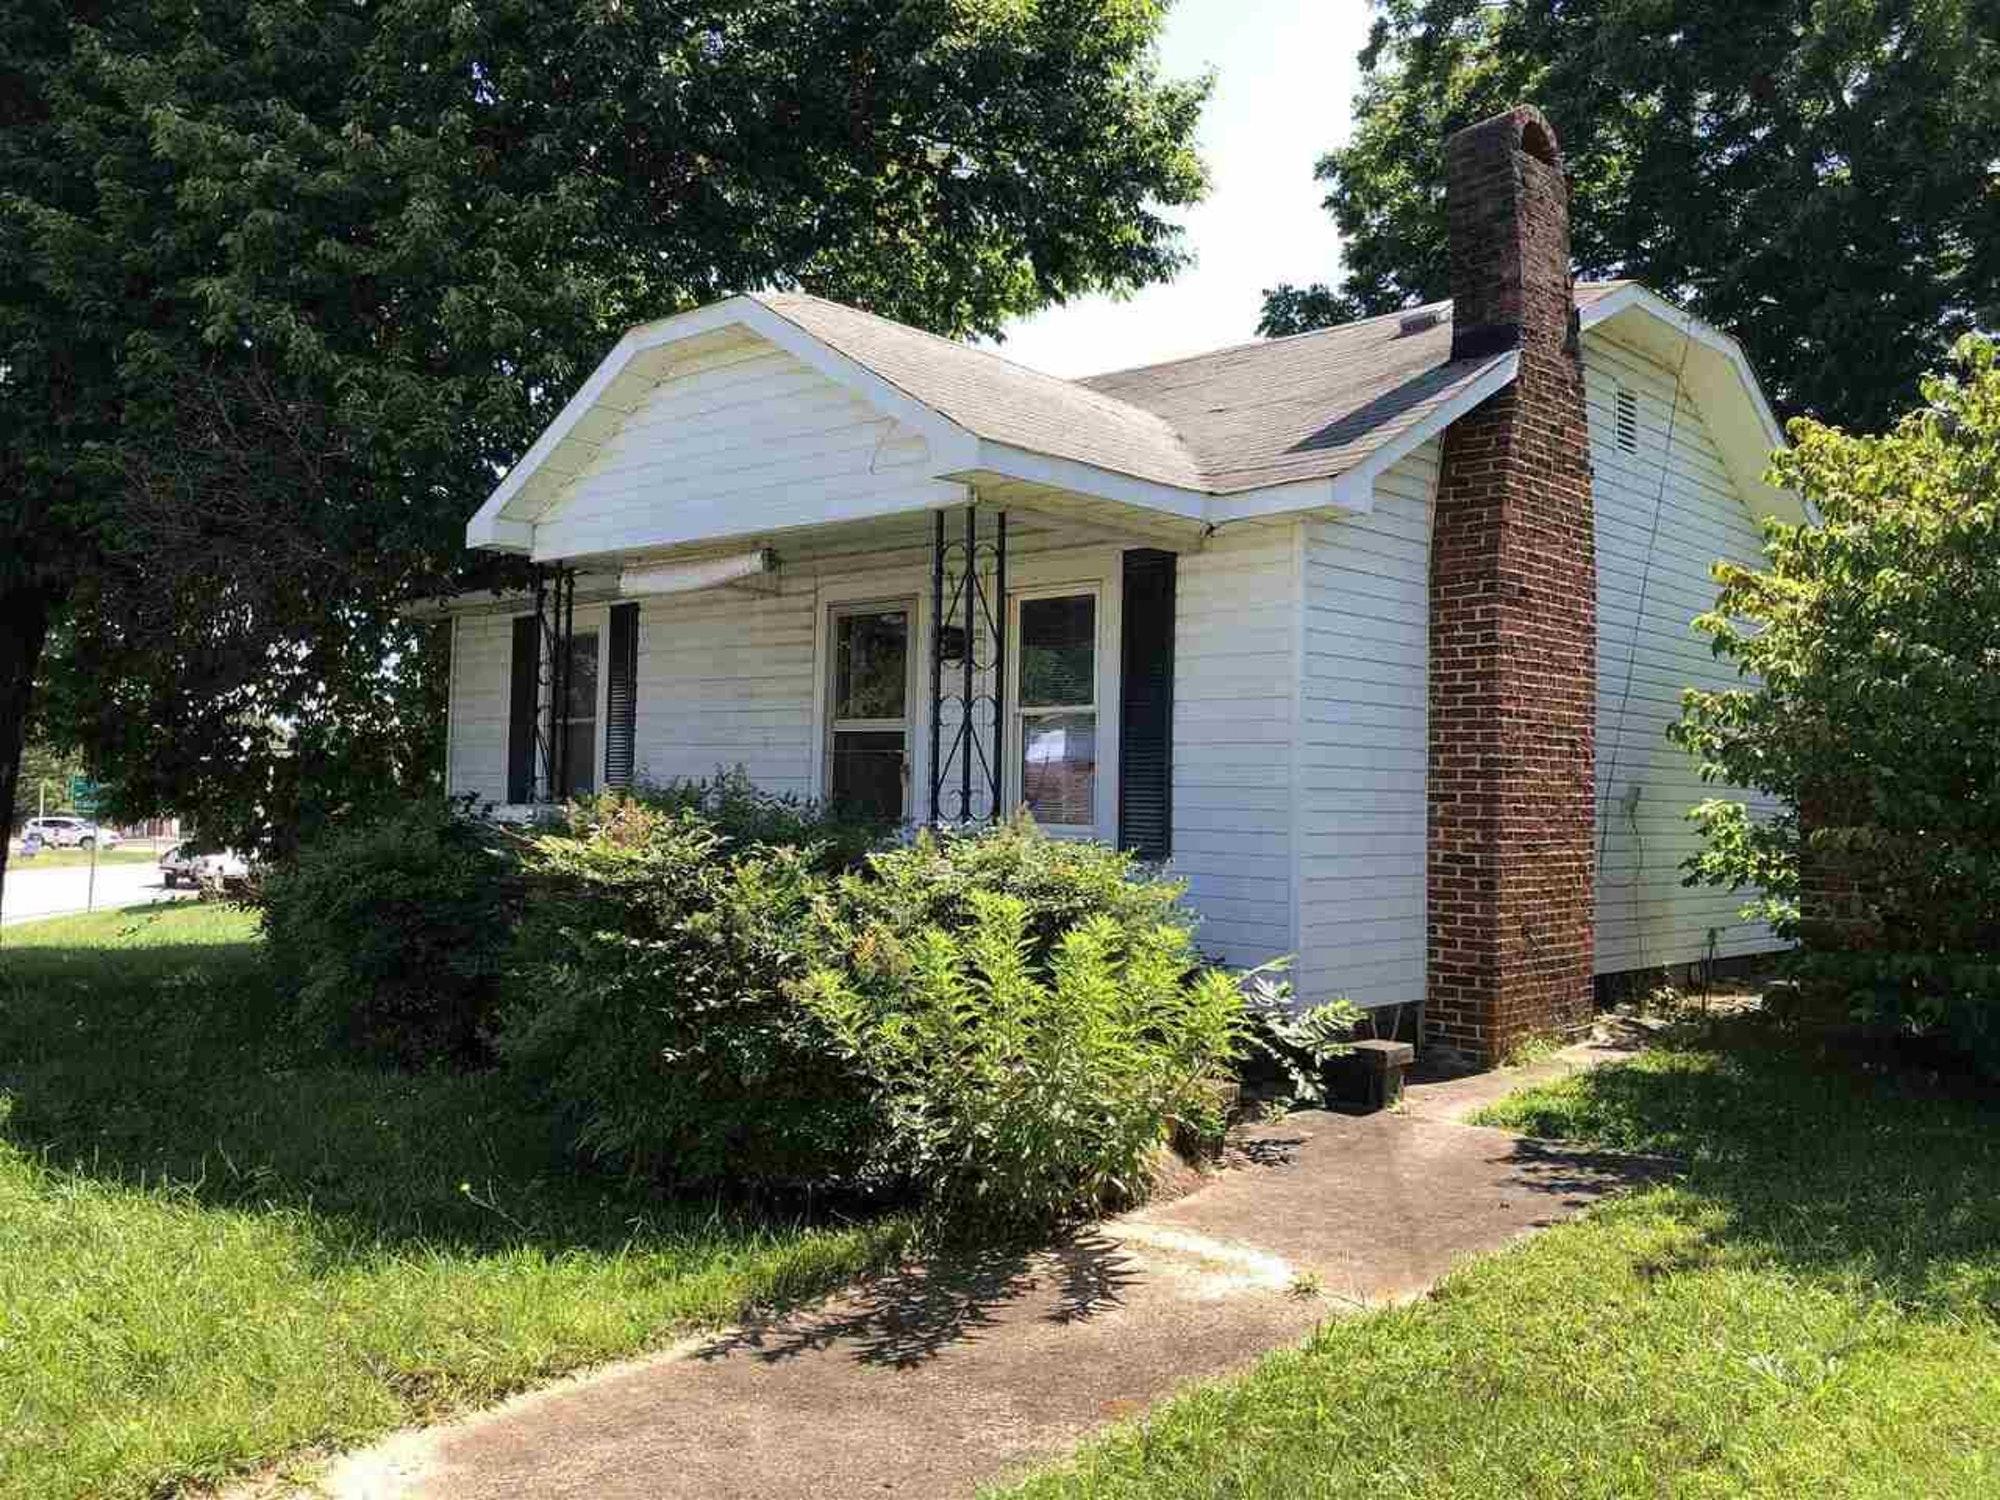 648 Louise St, Clarkesville GA 30523